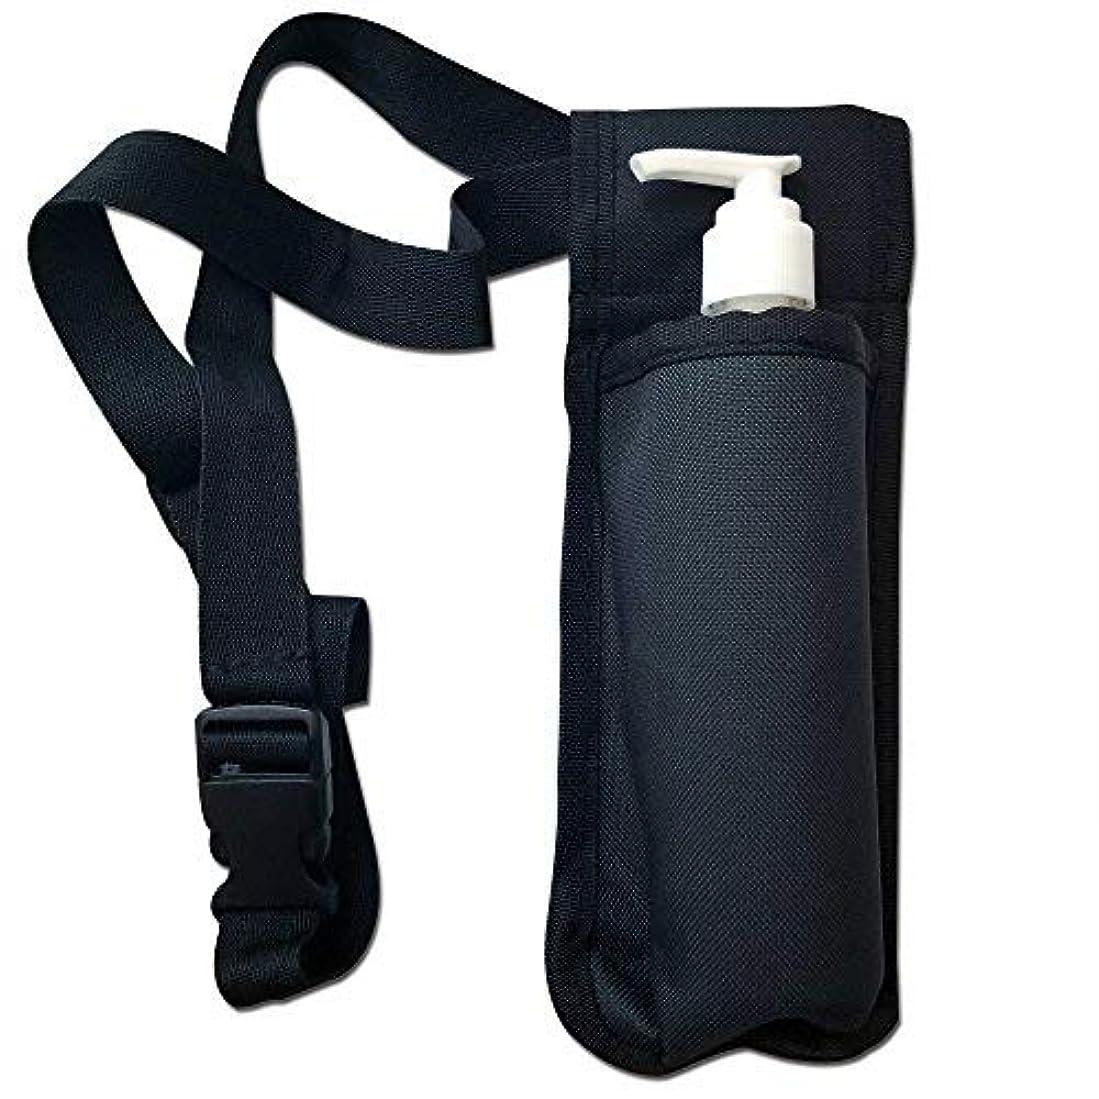 外部私たちの照らすTOA Single Bottle Holster Adjustable Strap w/ 6oz Bottle for Massage Oil, Lotion, Cream [並行輸入品]